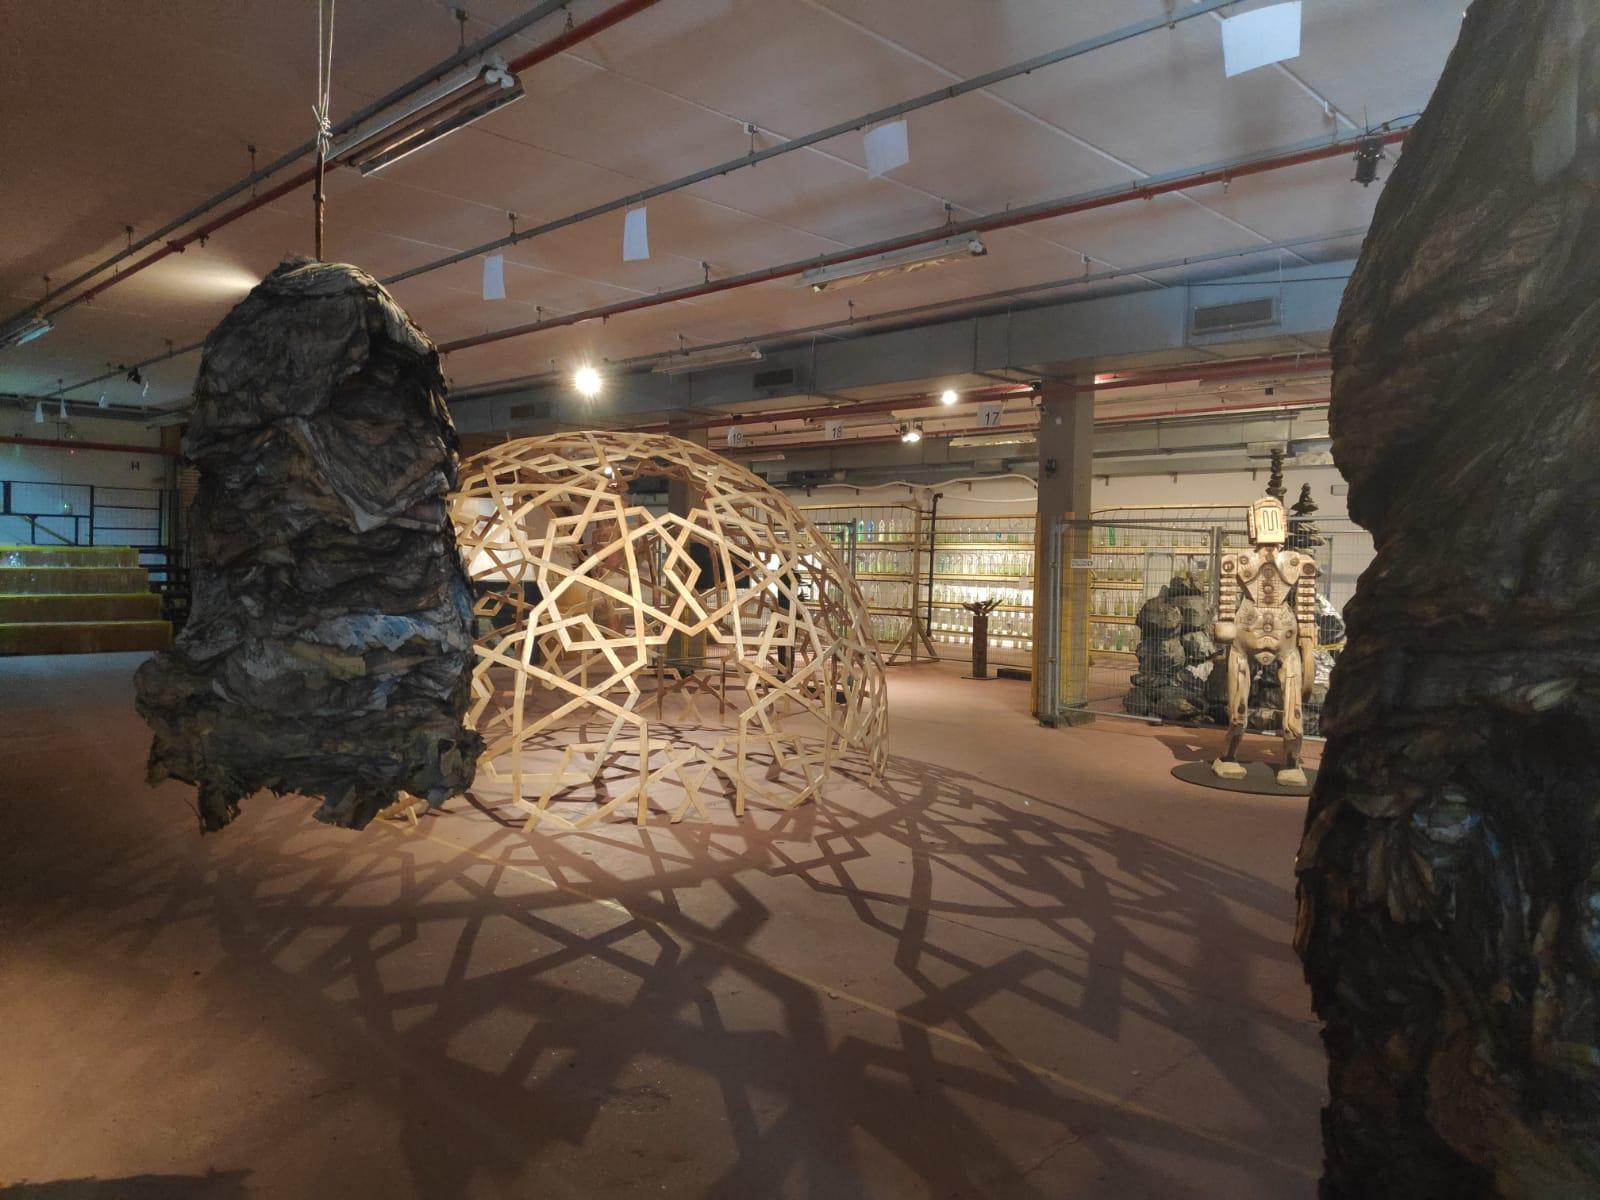 זומו מגיע לערד – המוזיאון הנודד